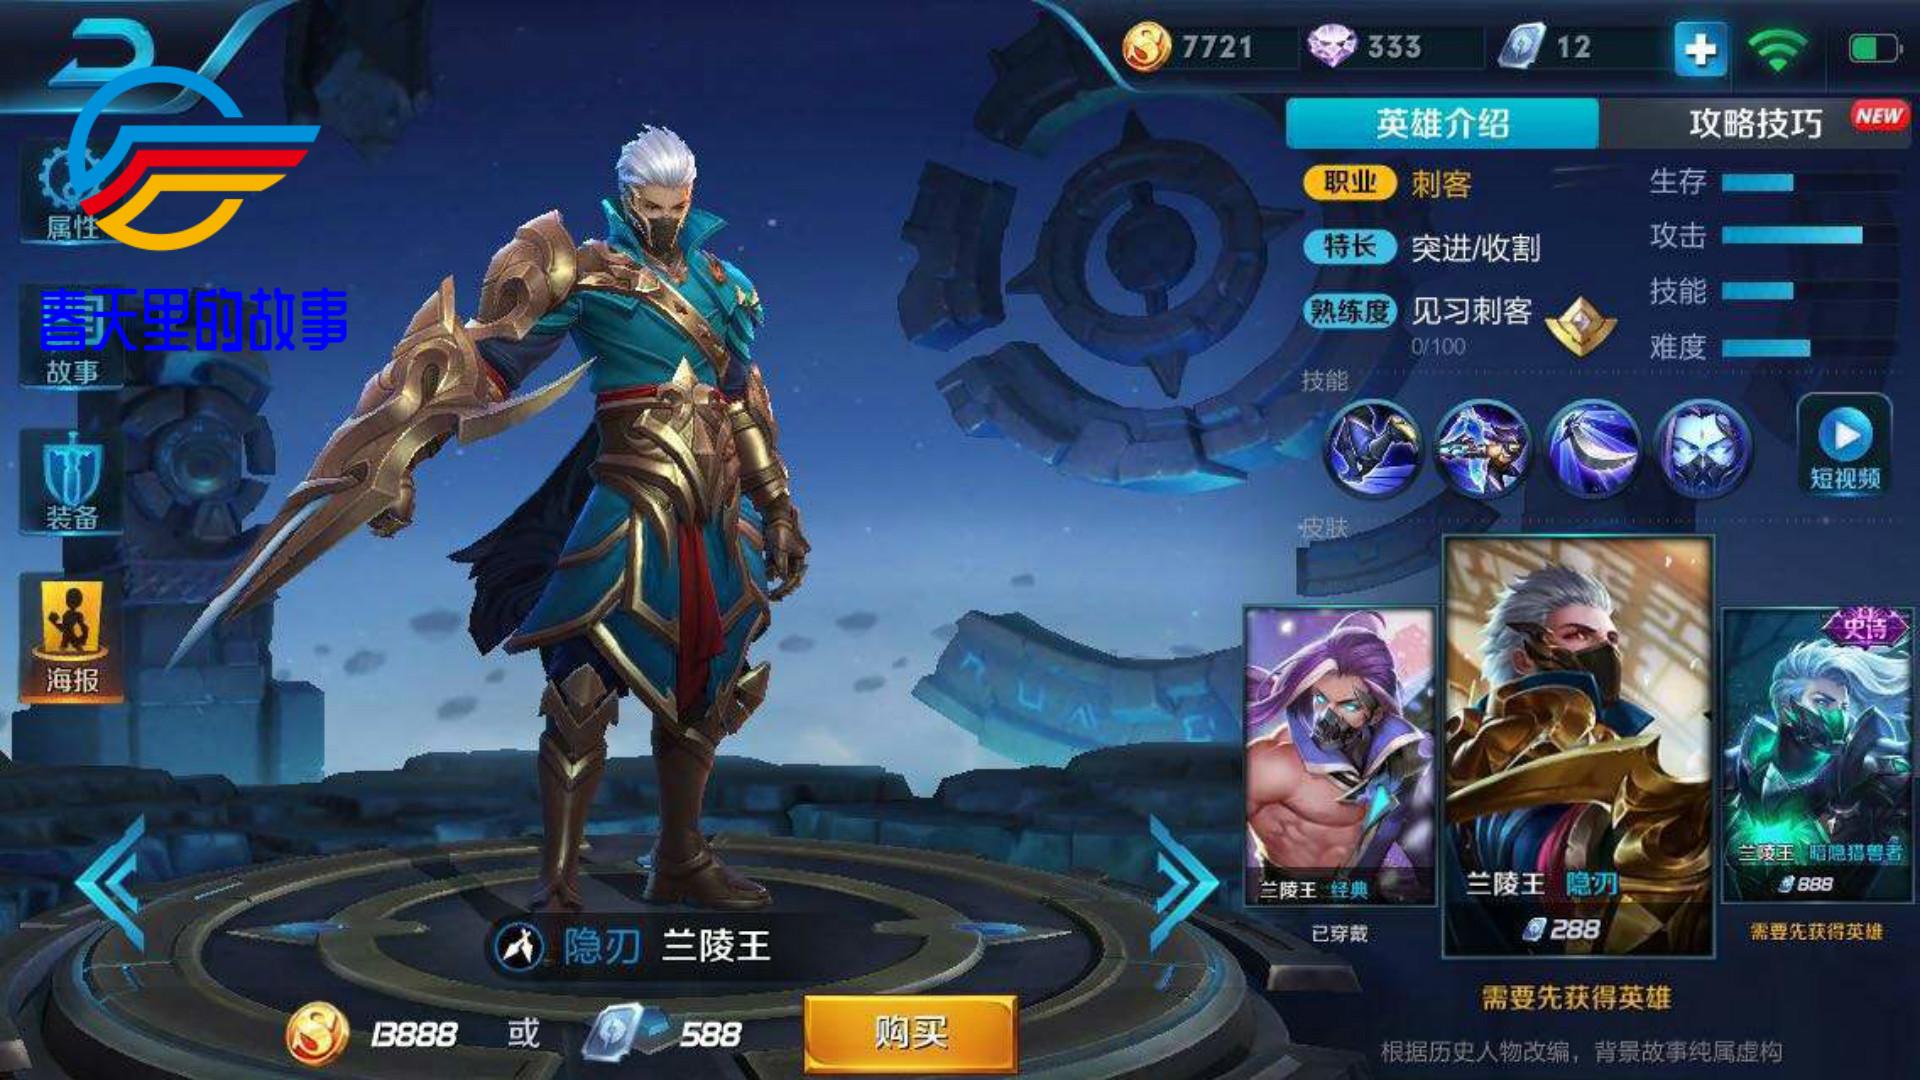 《【煜星app登录】王者荣耀:QQ区兰陵王很火,为啥微信区却没有人玩?原因或许很简单》